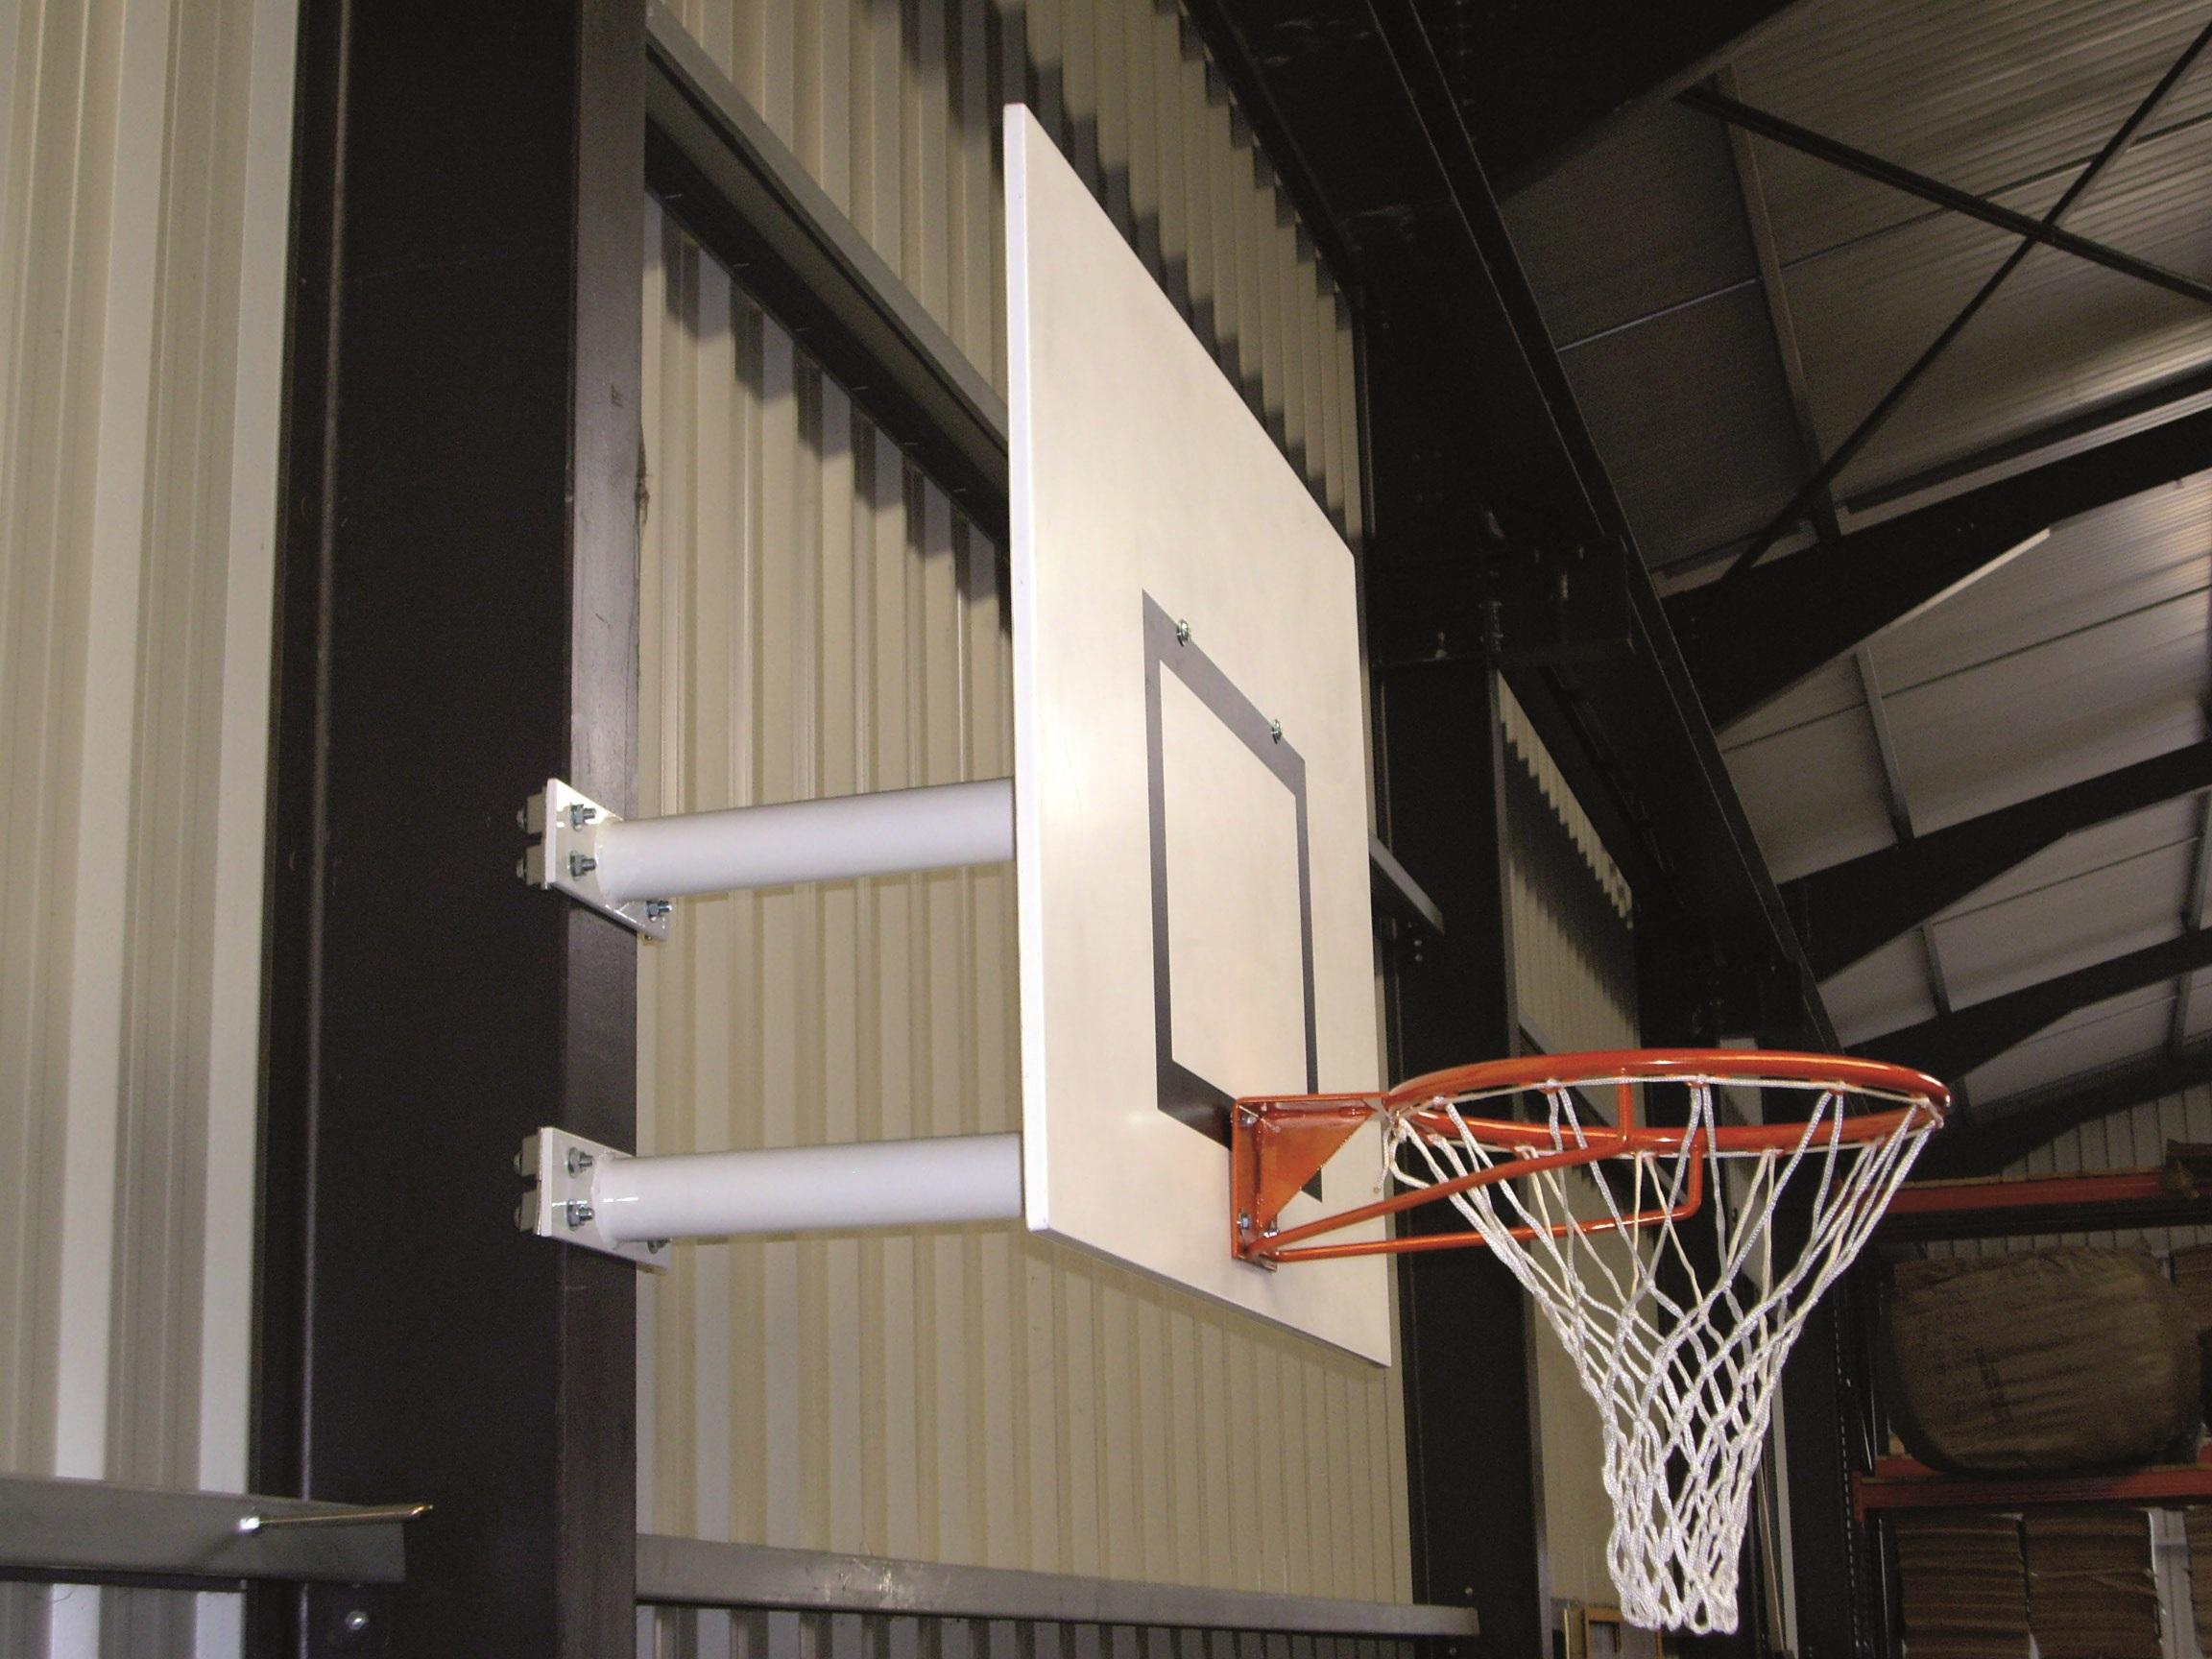 Image of   Basketball Goal Wall-Mounted - Fast head - Udhæng 0,6 m - 2 arm særlig støtte